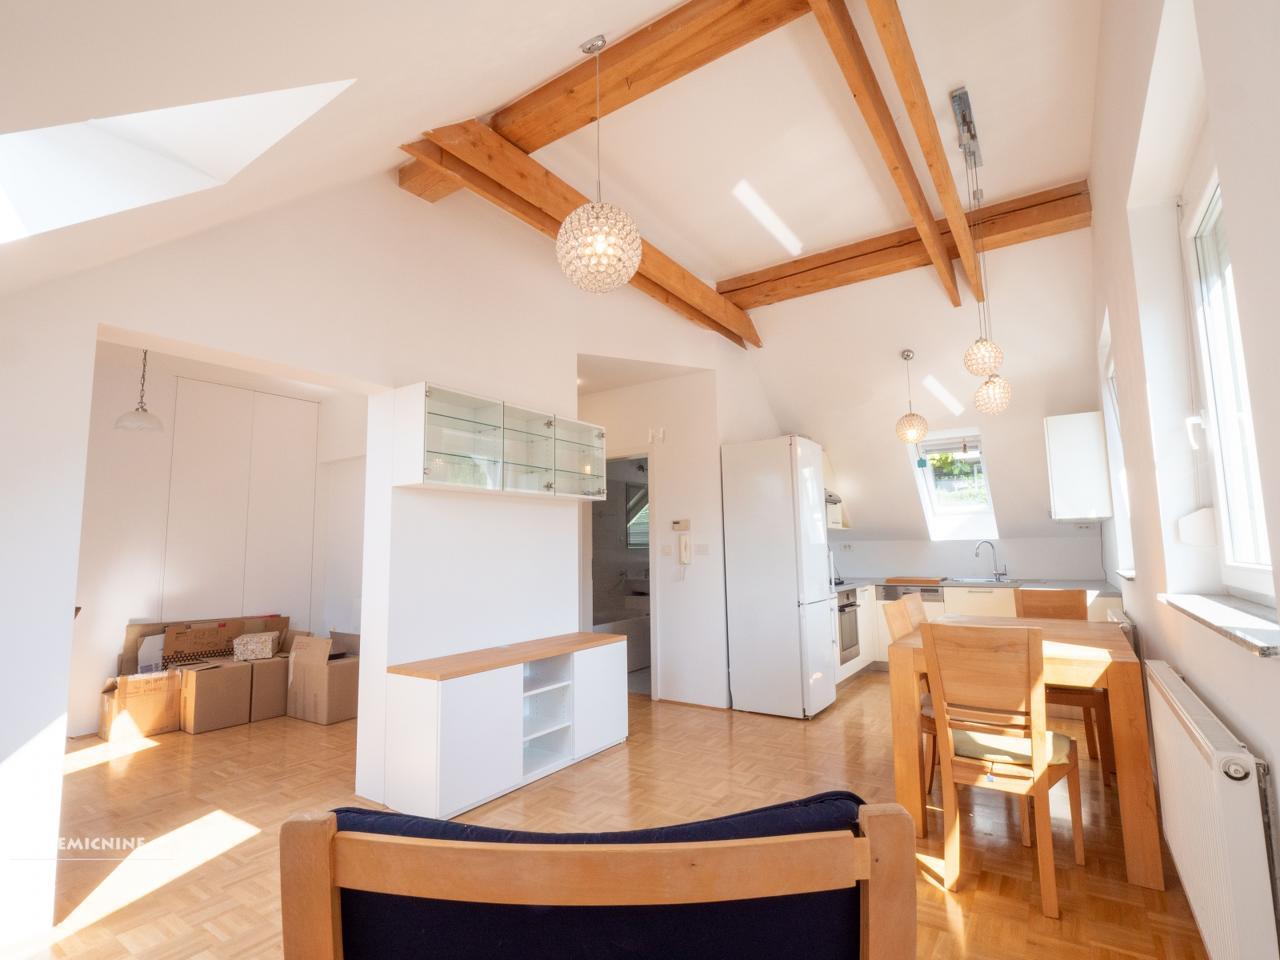 Prodaja, stanovanje - ŠMARJE - SAP 1